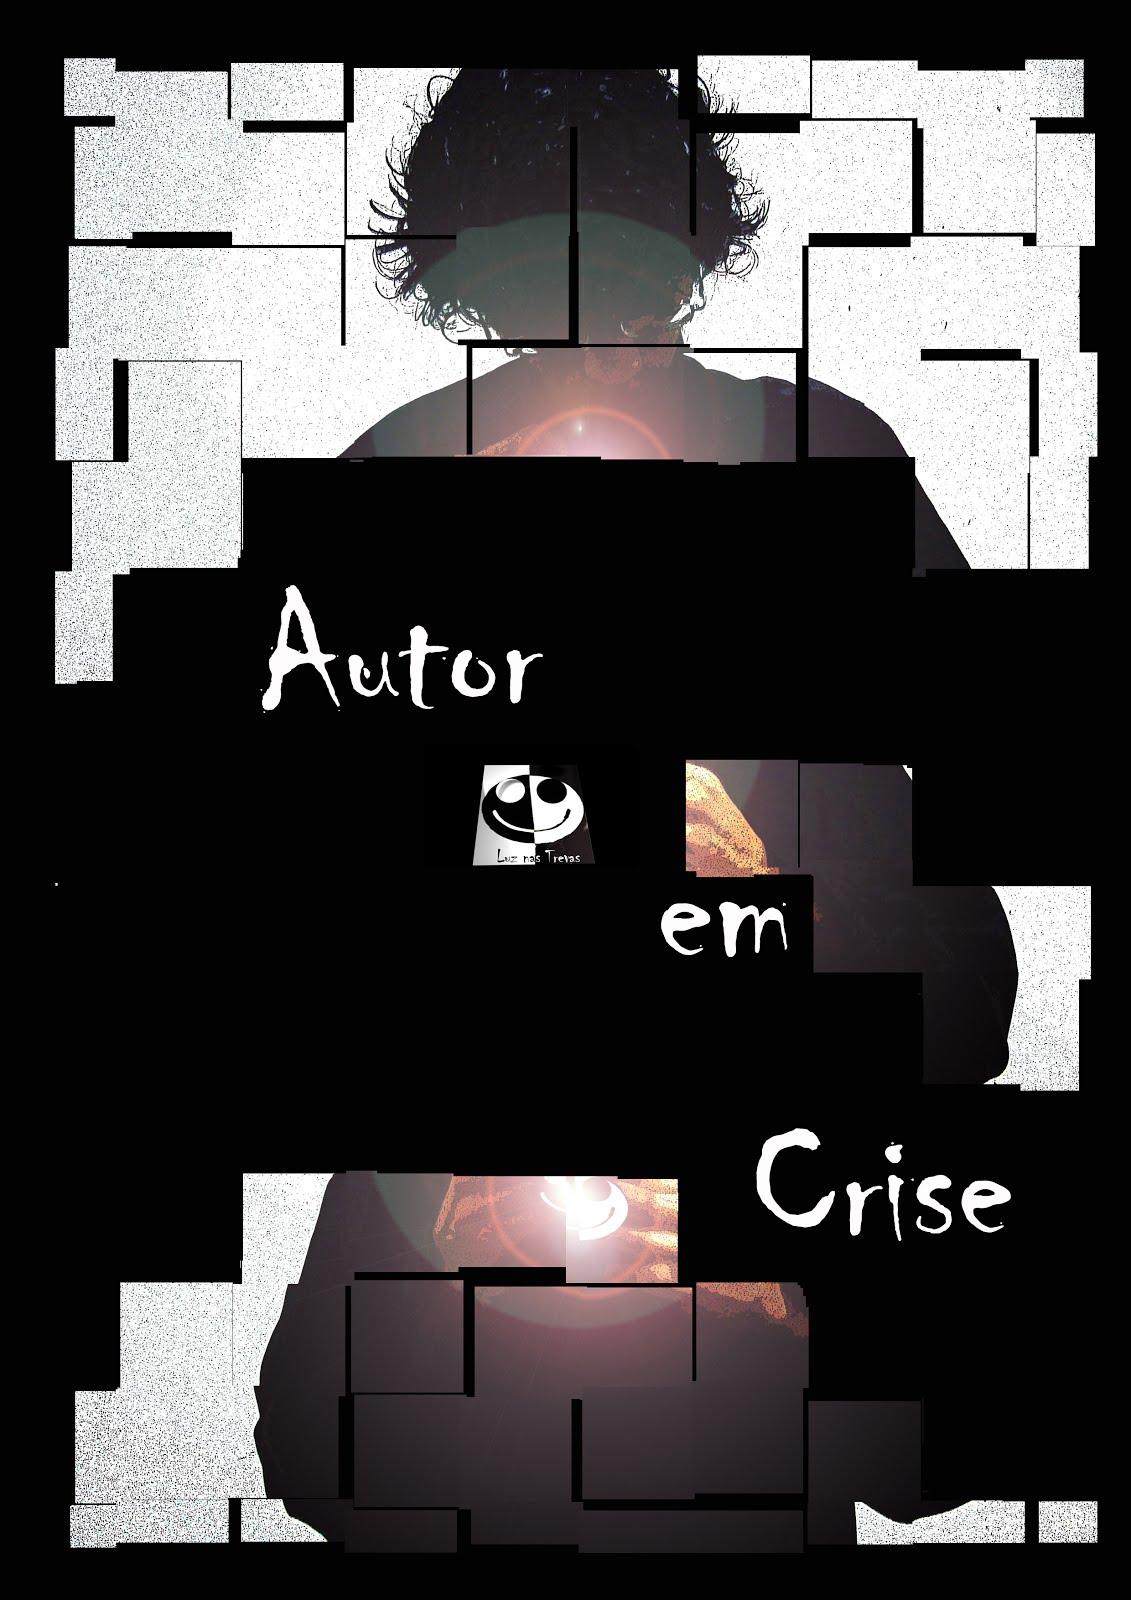 Autor em Crise #1